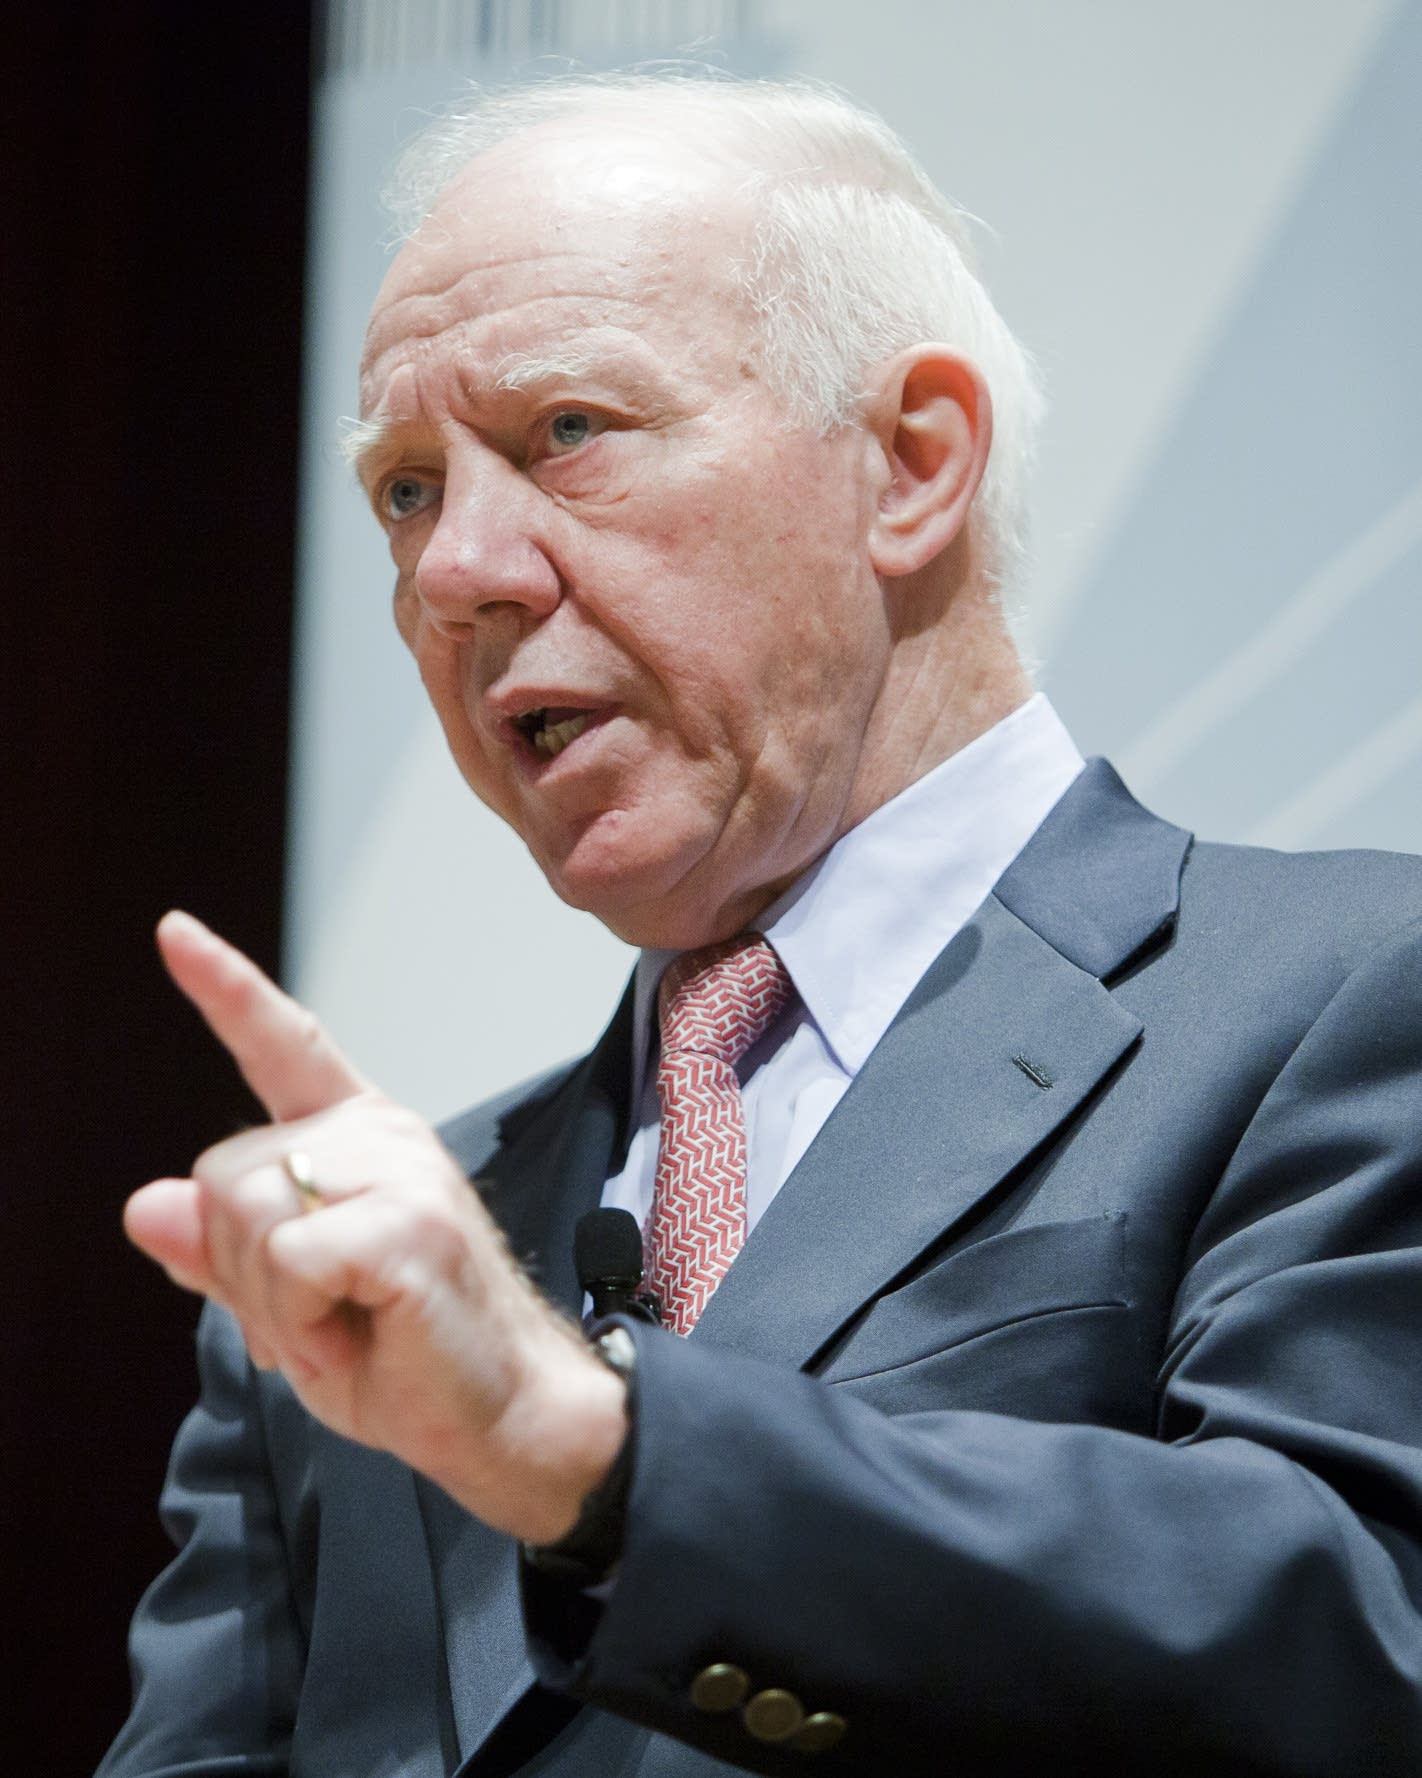 Rep. Jim Oberstar